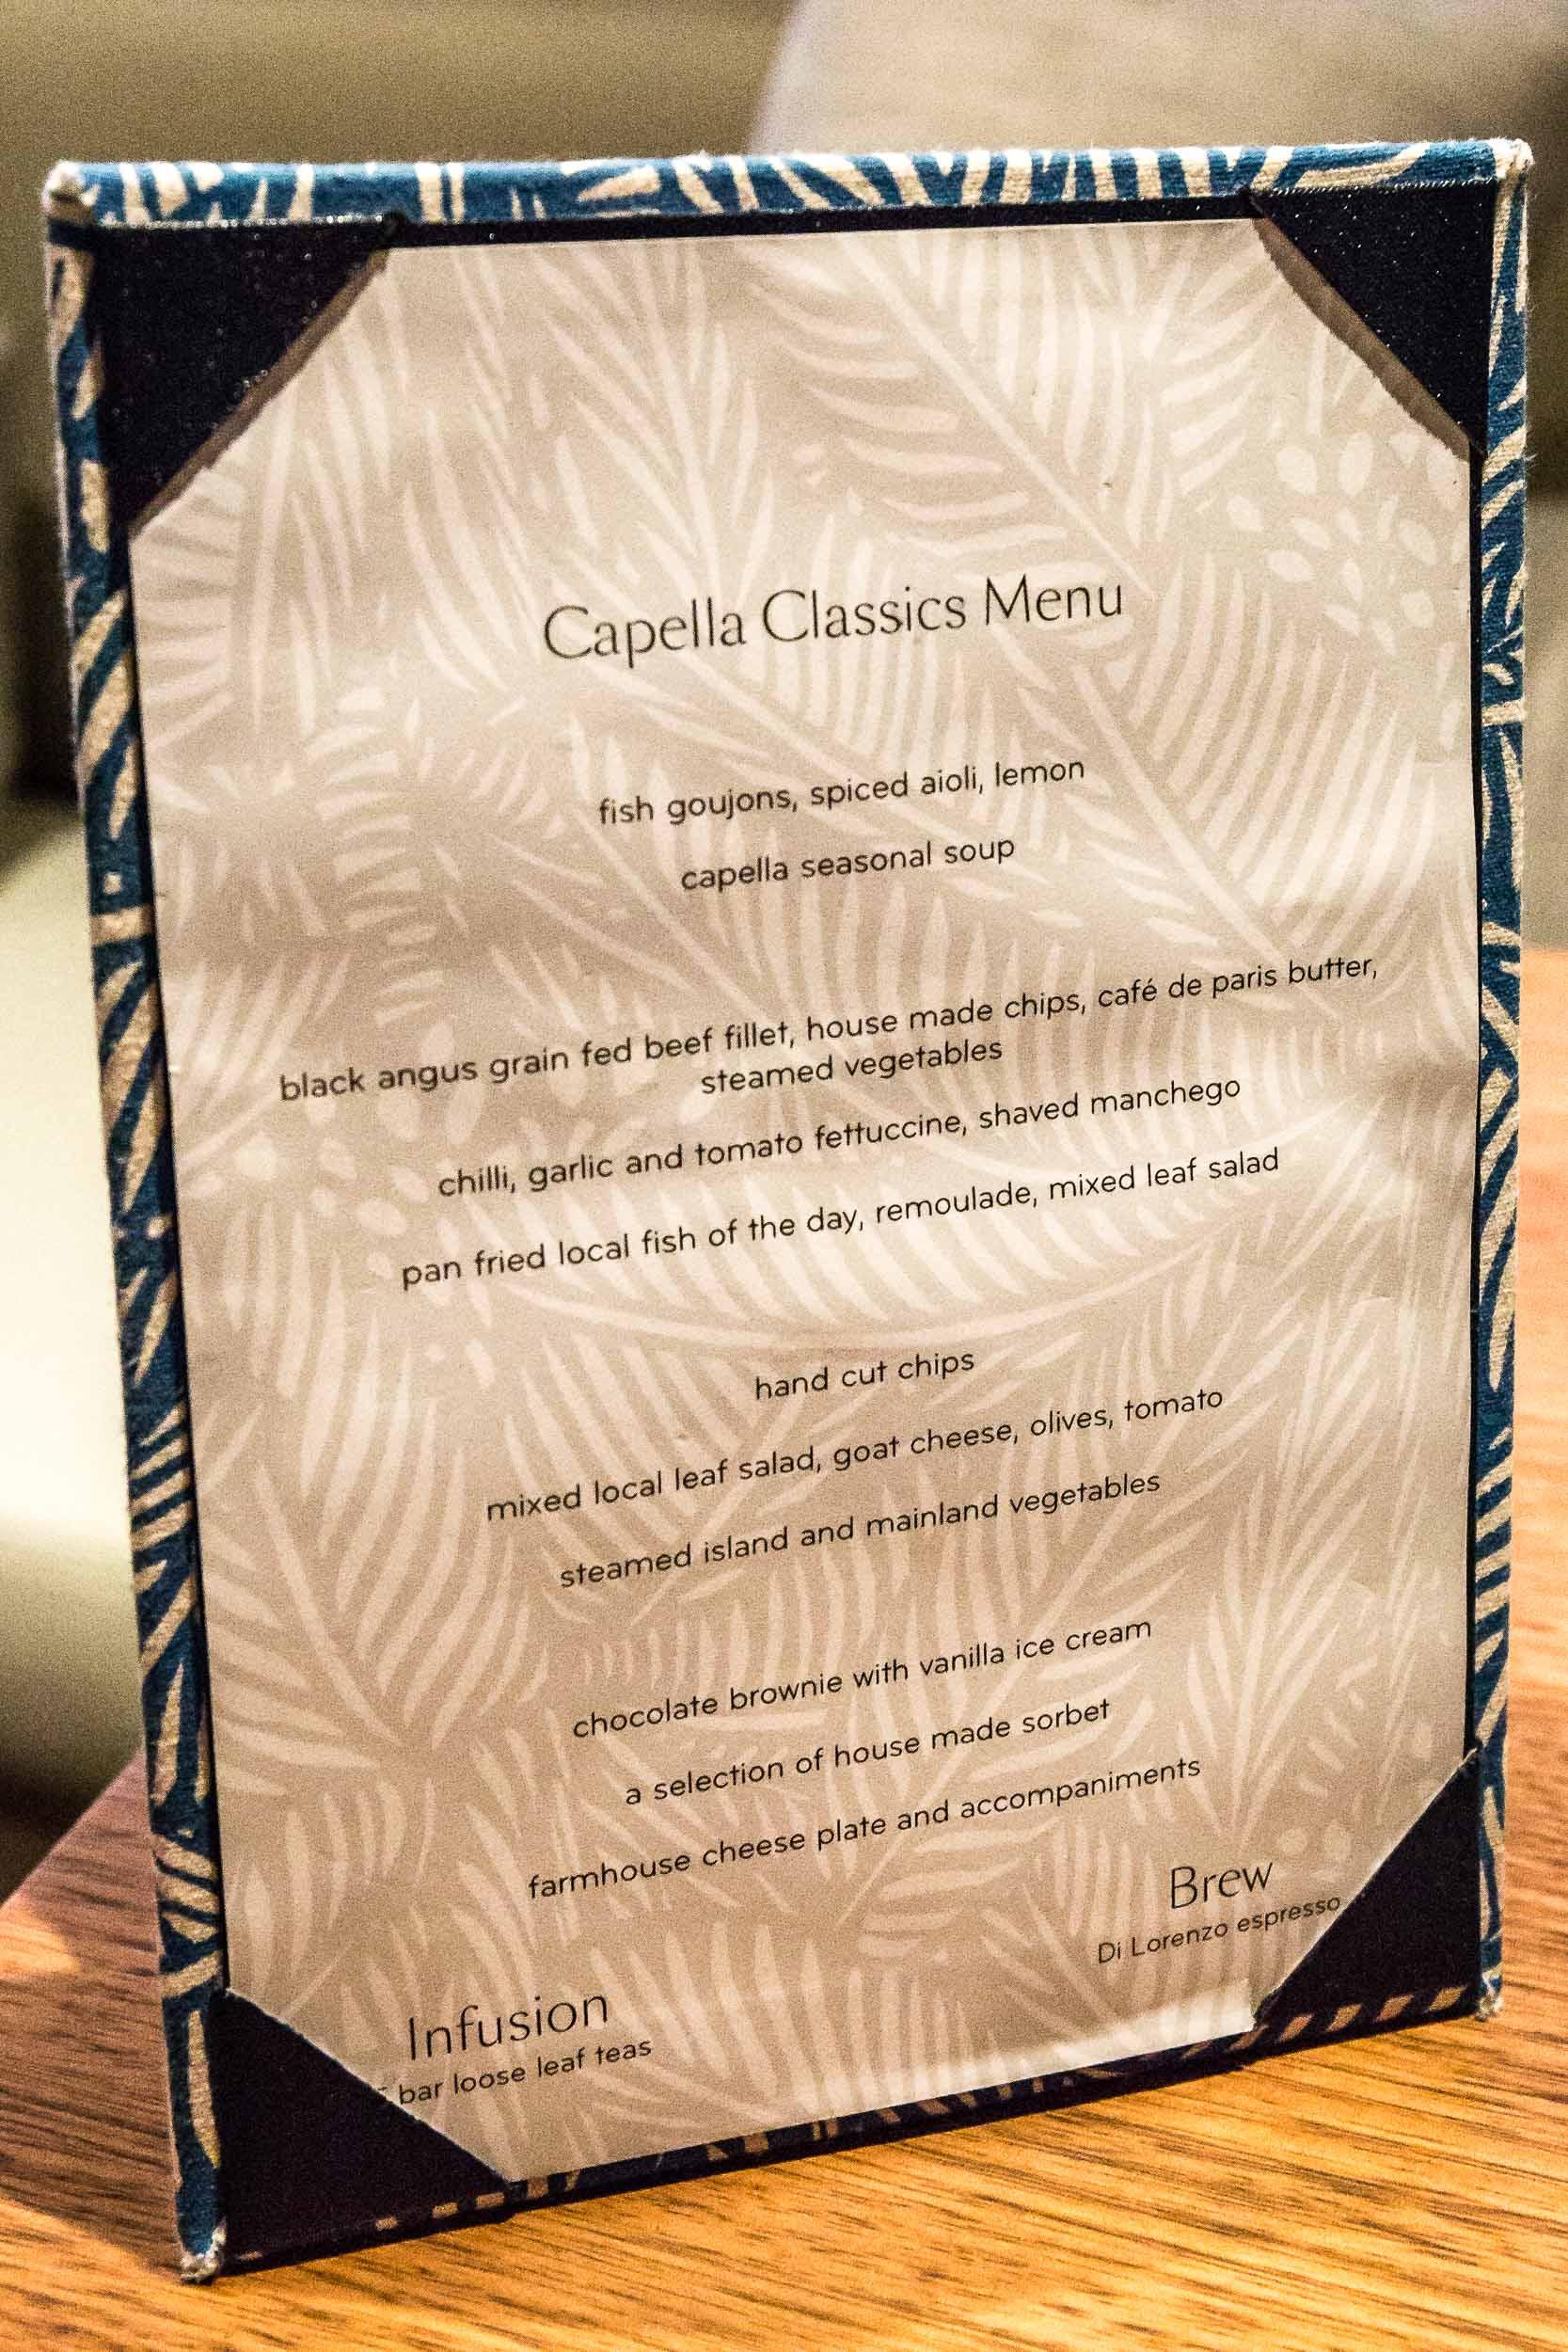 The recurring Capella Lodge Classics Menu